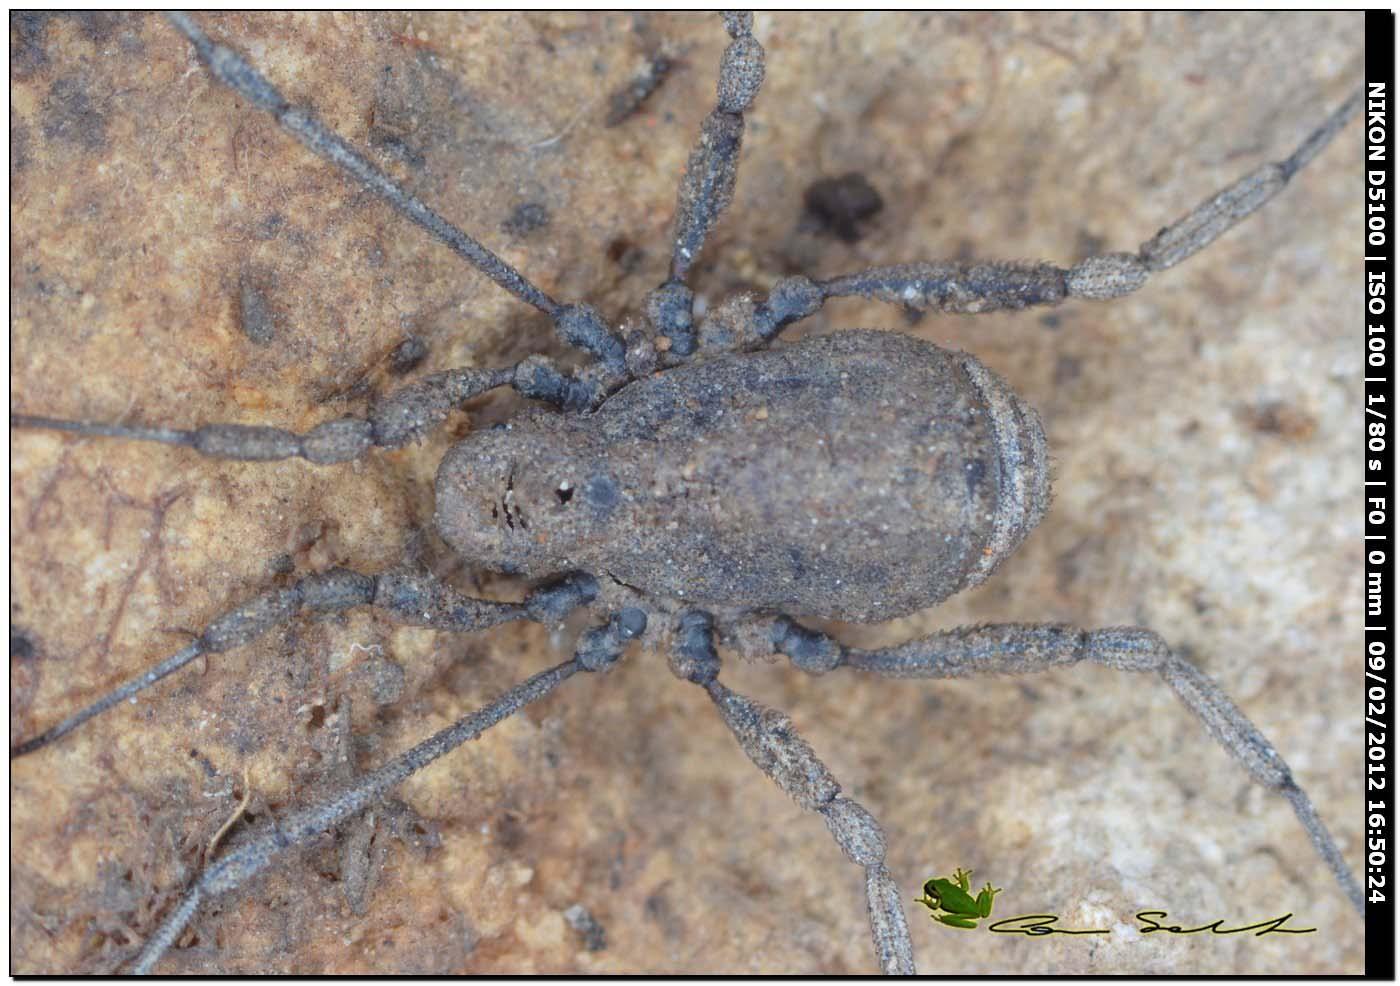 Dicranolasma soerenseni (m) della Sardegna (SS)